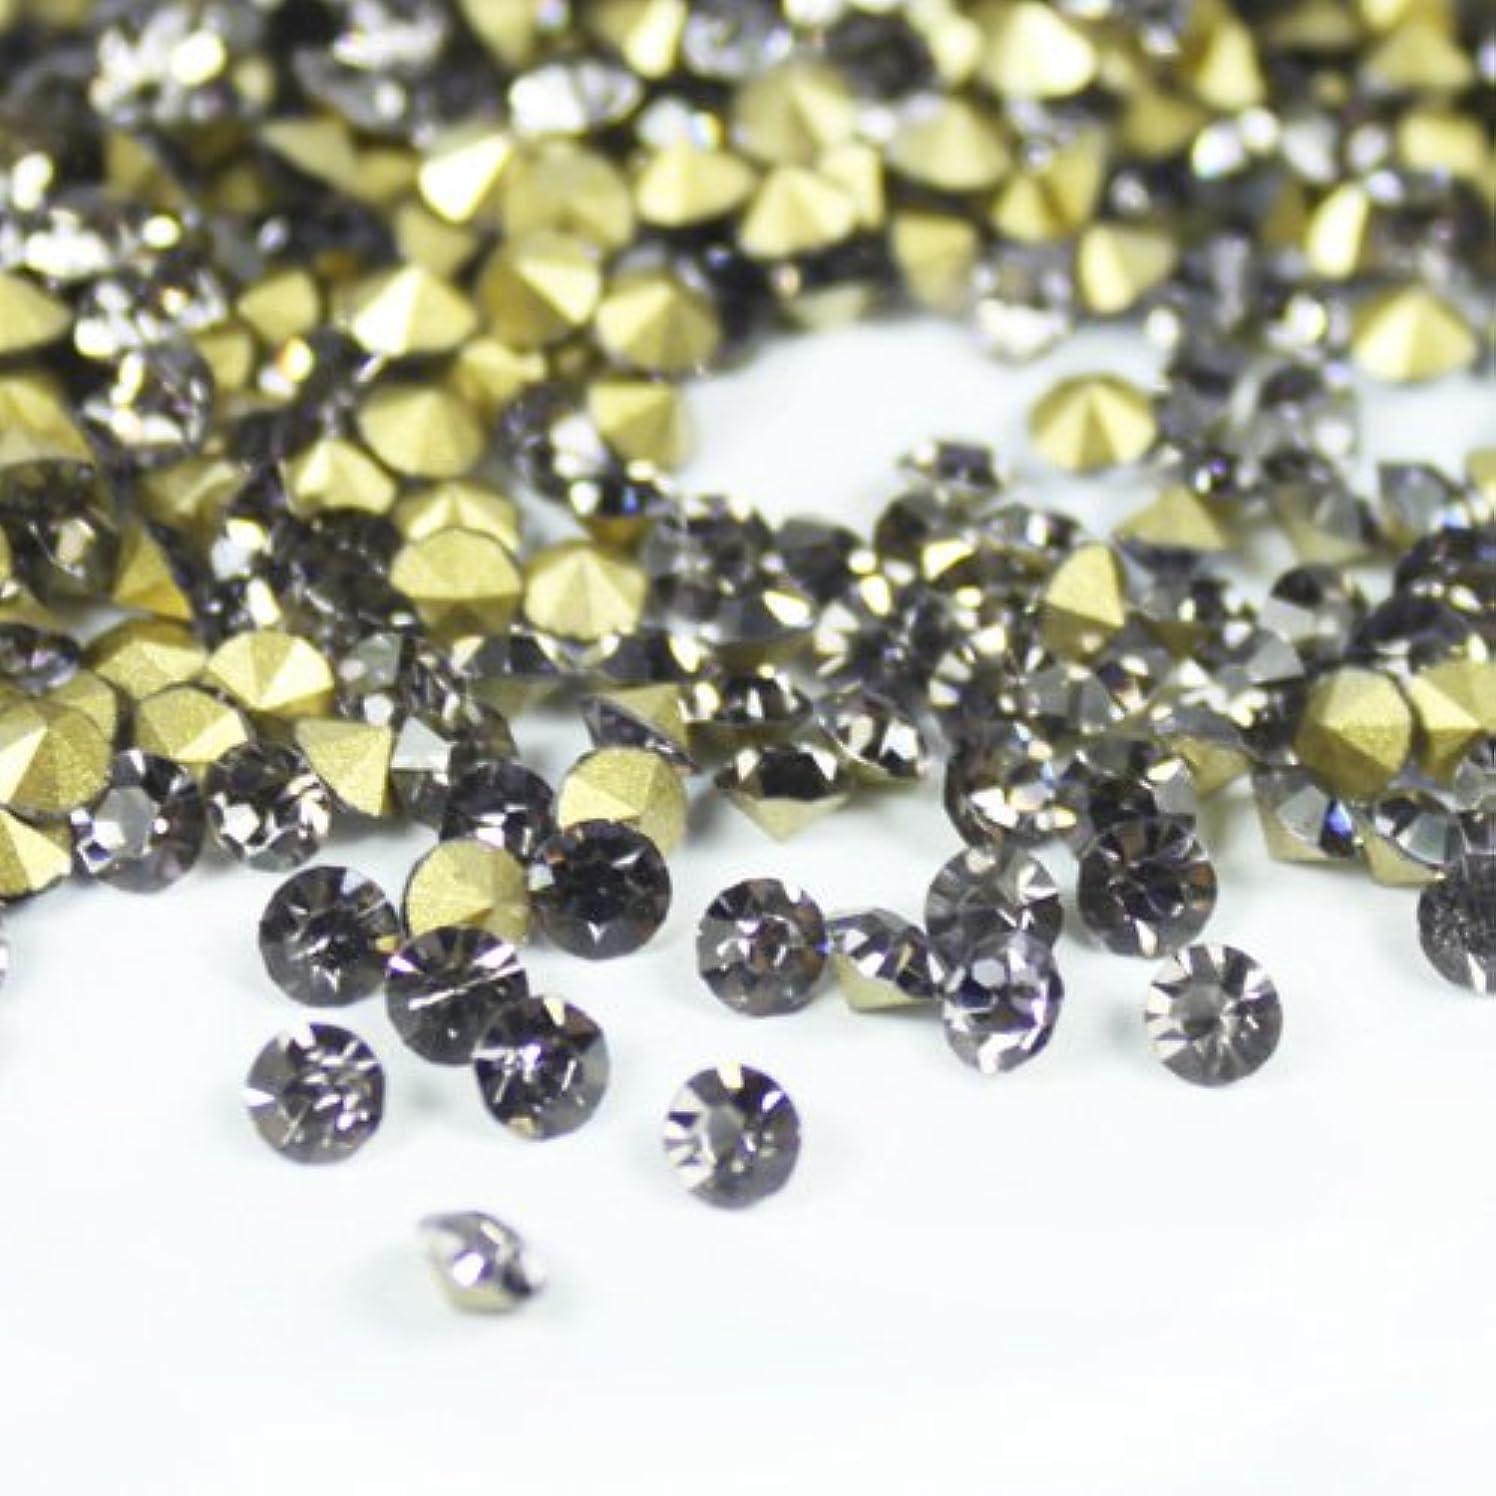 一時的間違えた食事を調理するガラス製 Vカットストーン(埋込型)black diamond/ブラックダイアモンド 各サイズ選択可能 (2.4mm (SS8) 約1440粒) [並行輸入品]